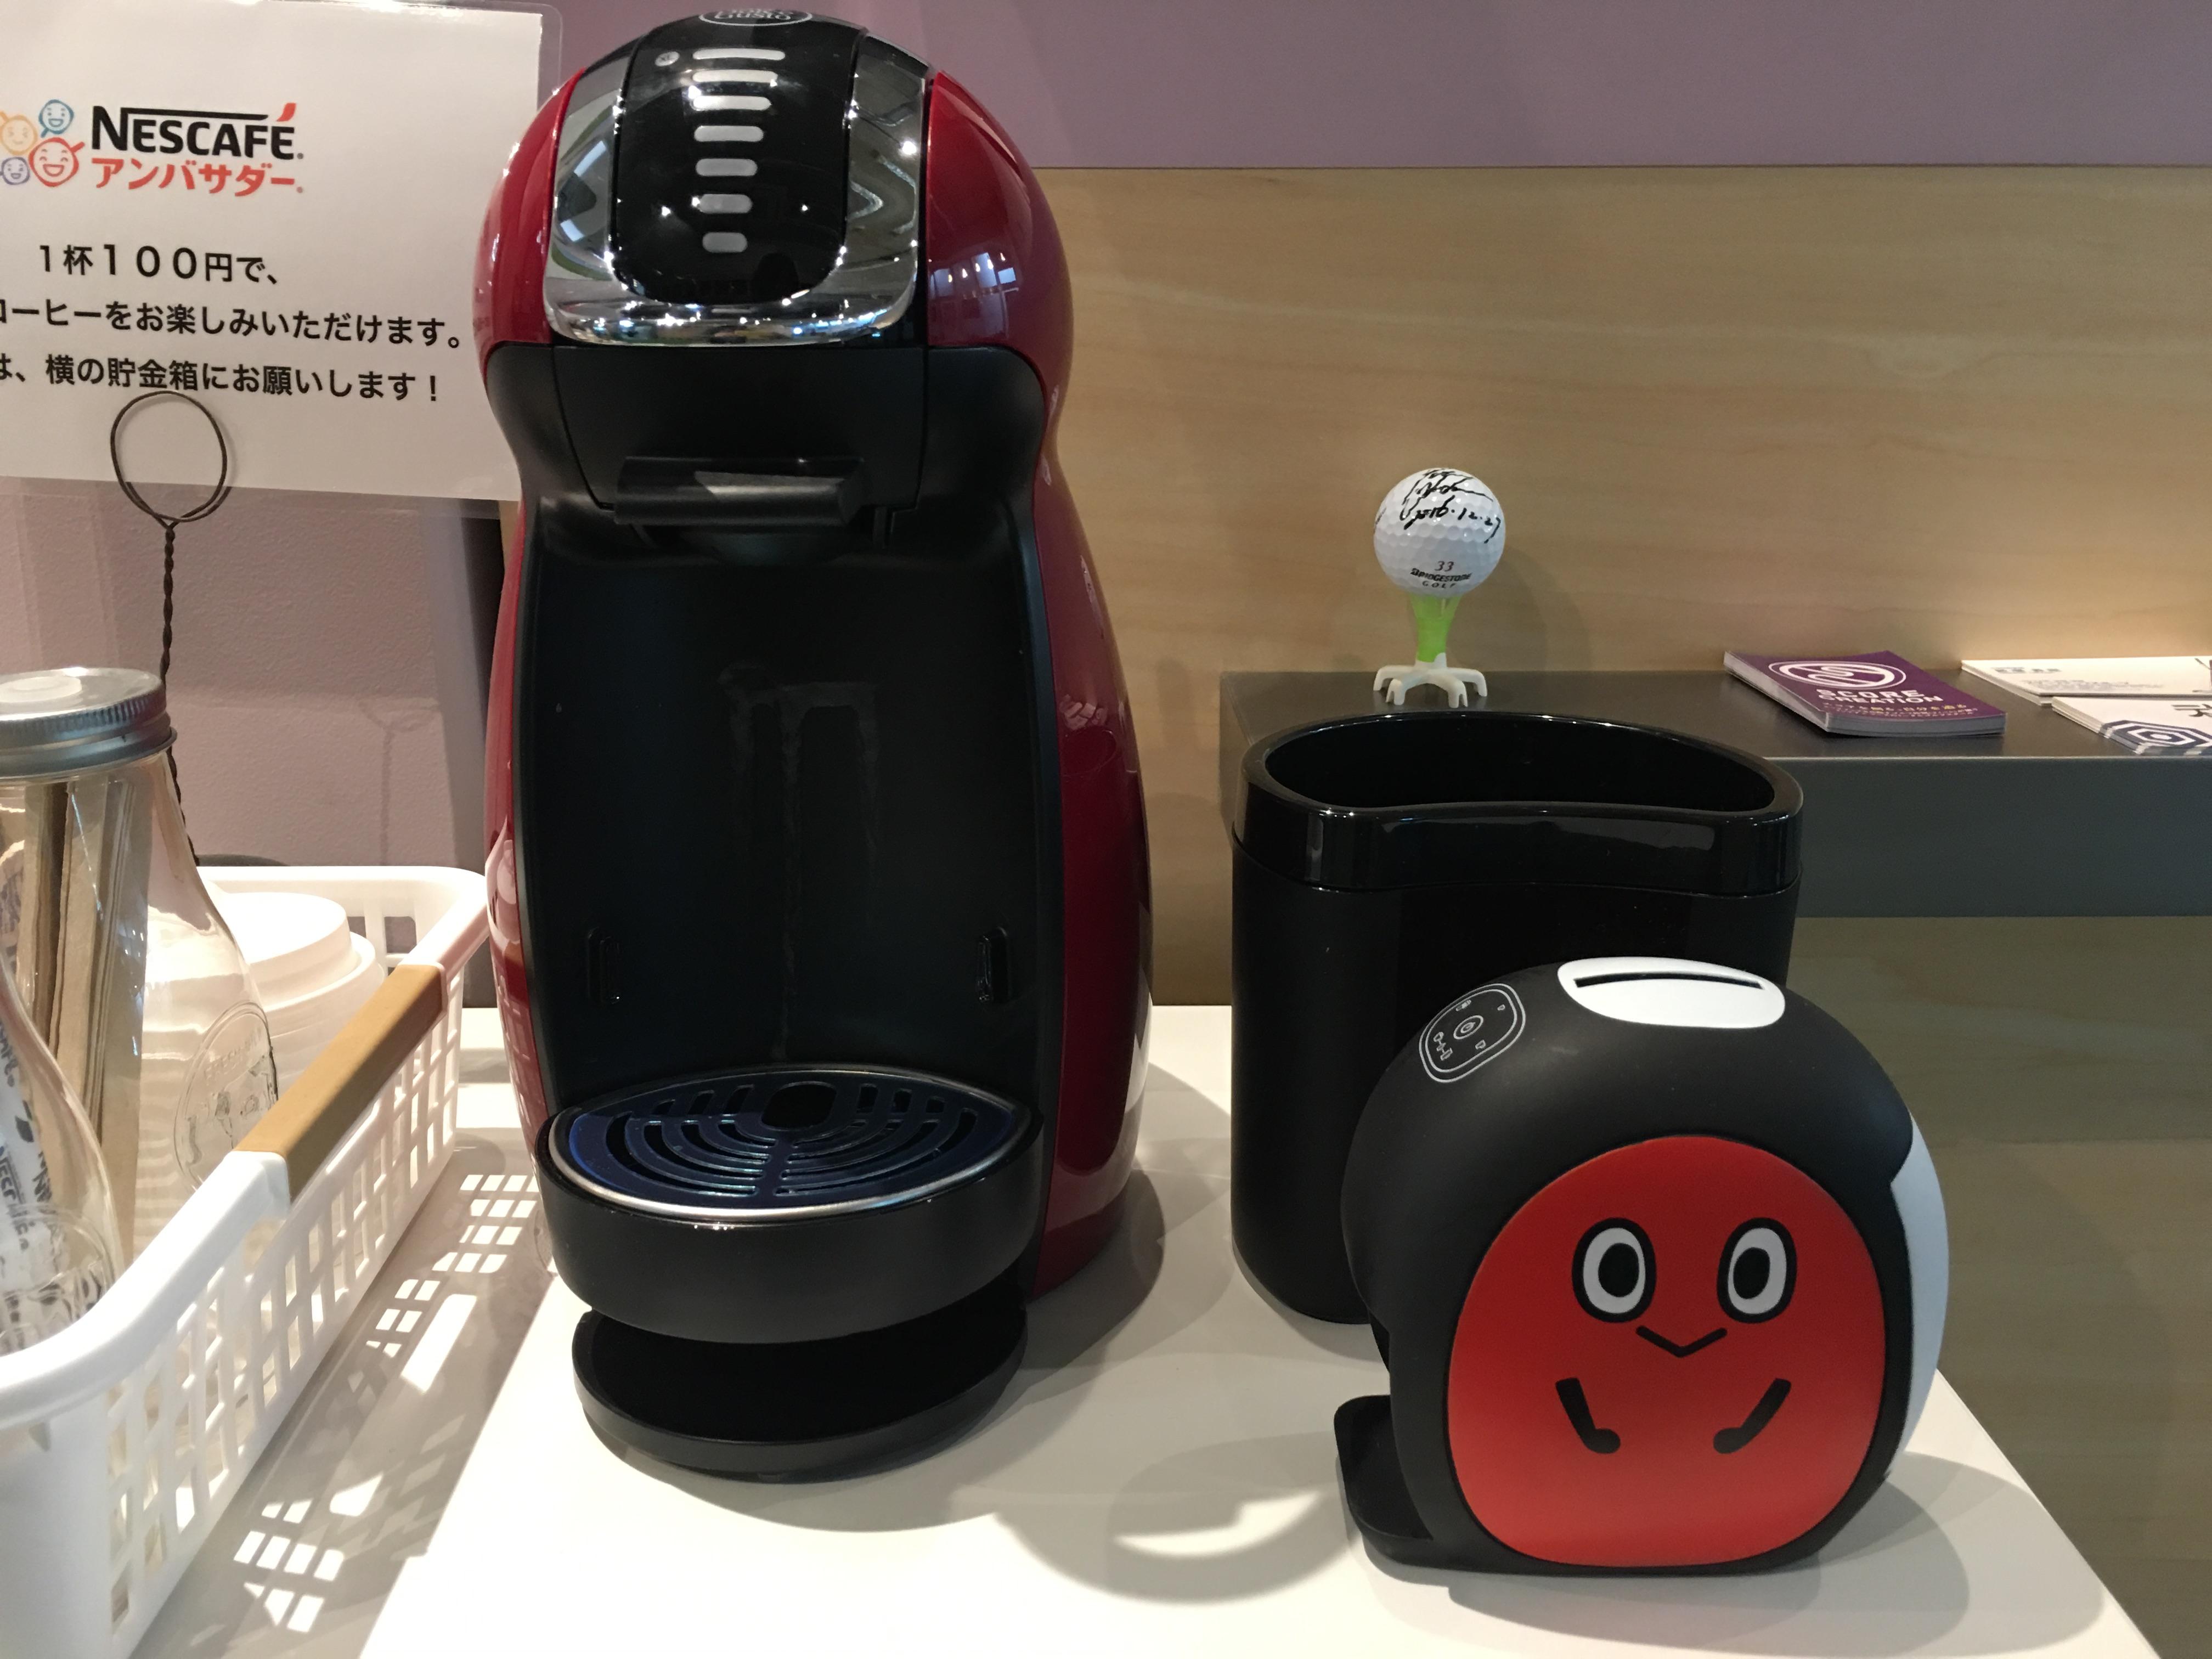 流れ ネスカフェ アンバサダー 職場にコーヒーマシンを無料で置こう!ネスカフェアンバサダーのすすめ